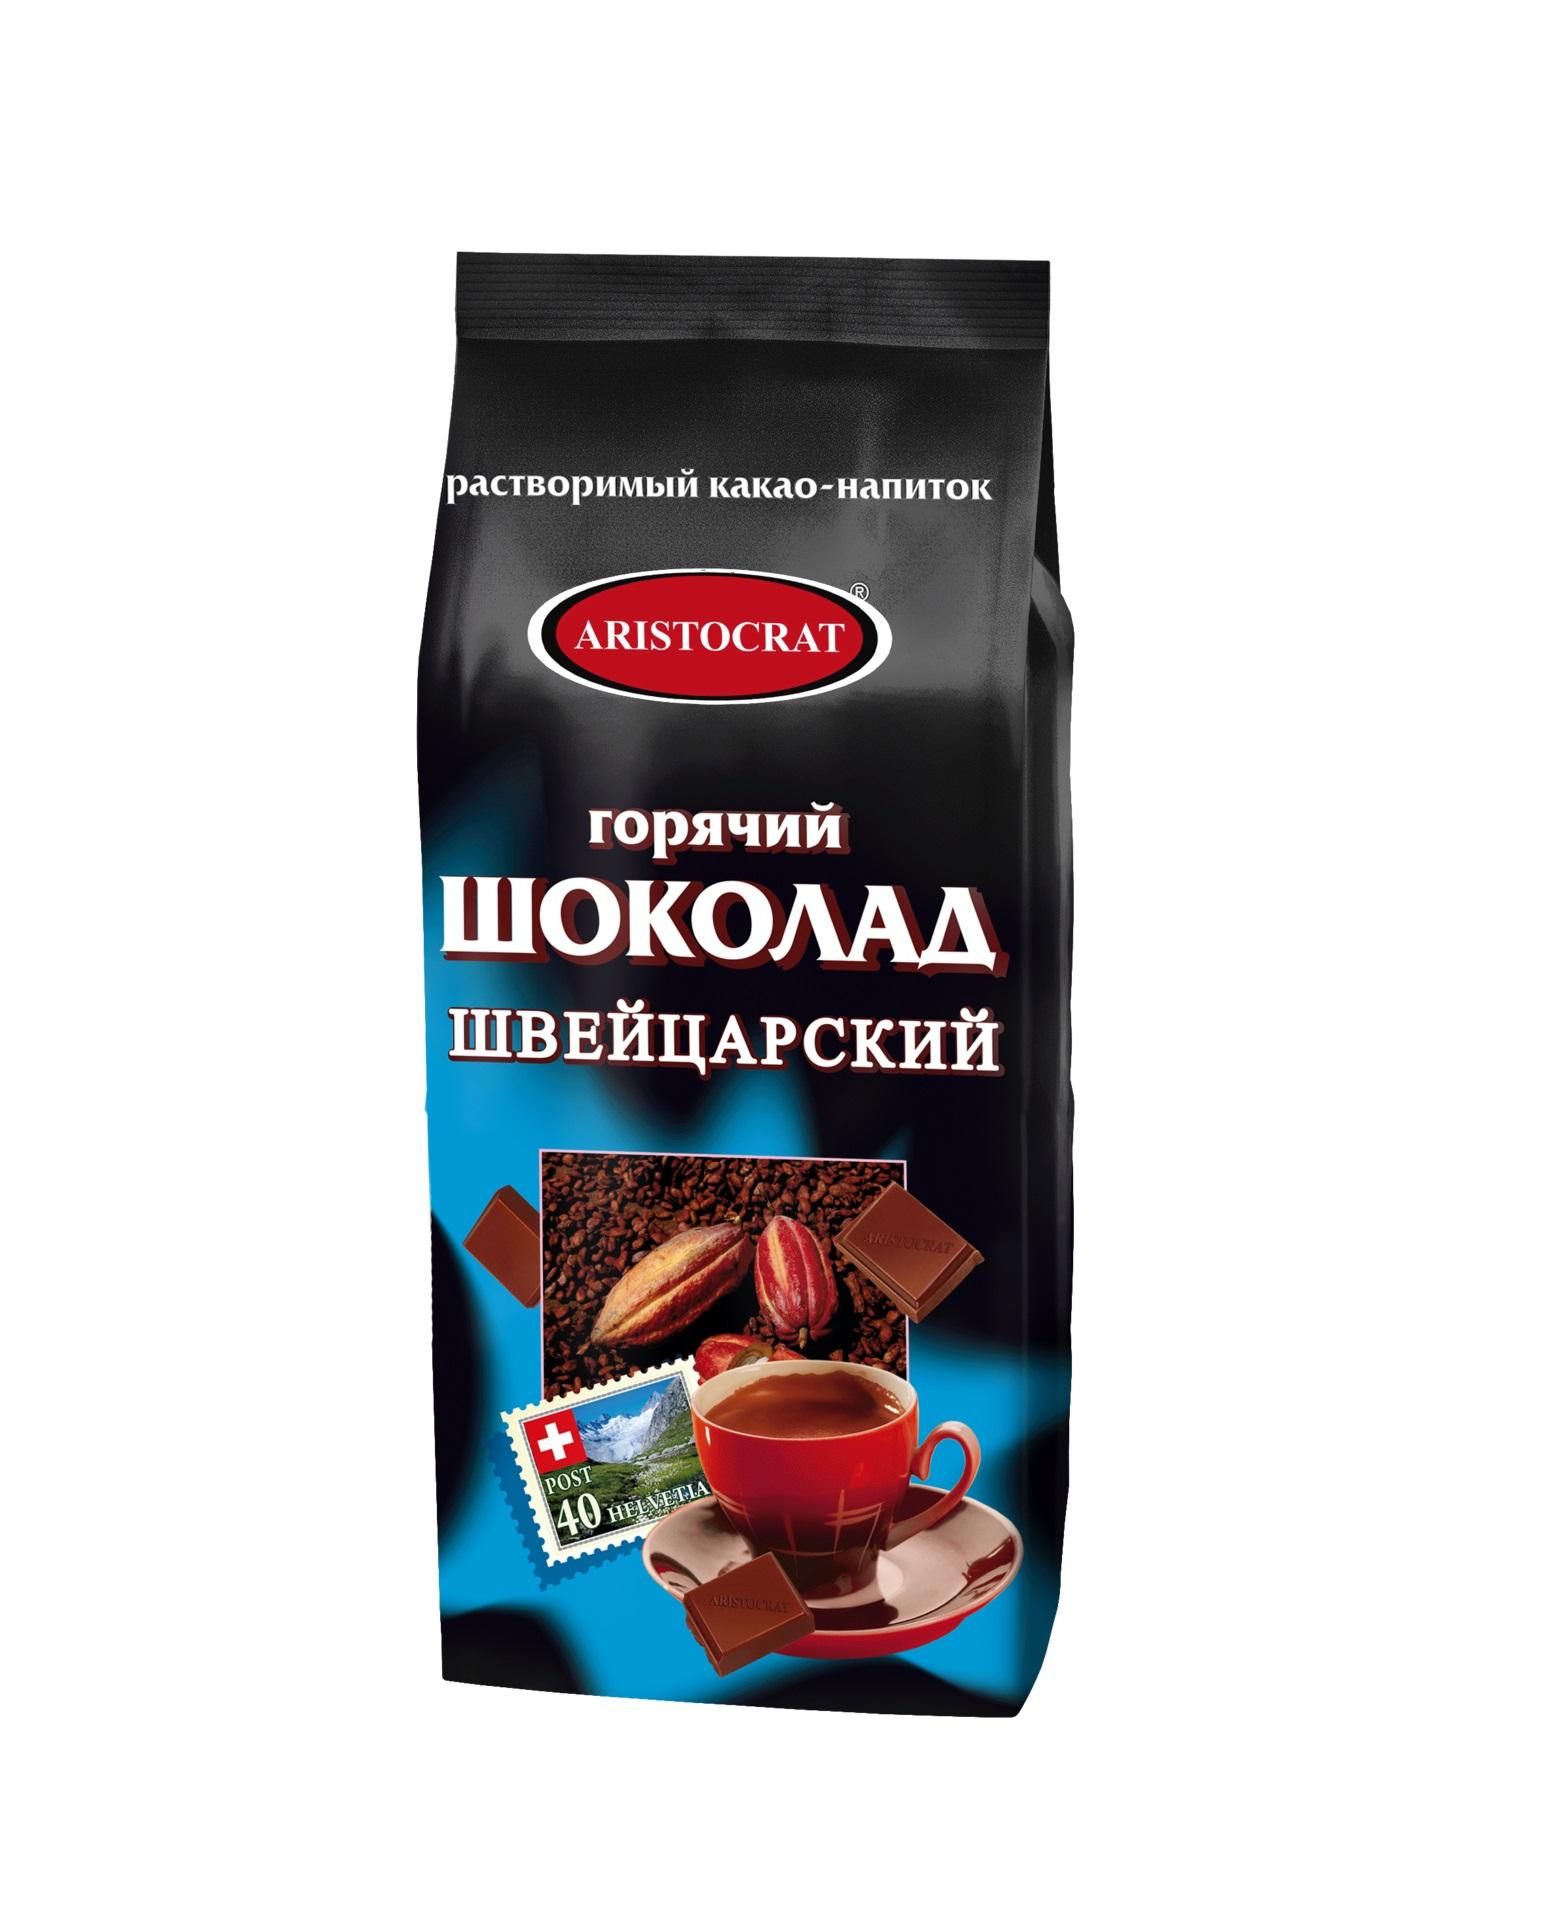 Горячий шоколад ARISTOCRAT Швейцарский 0,5 кг.